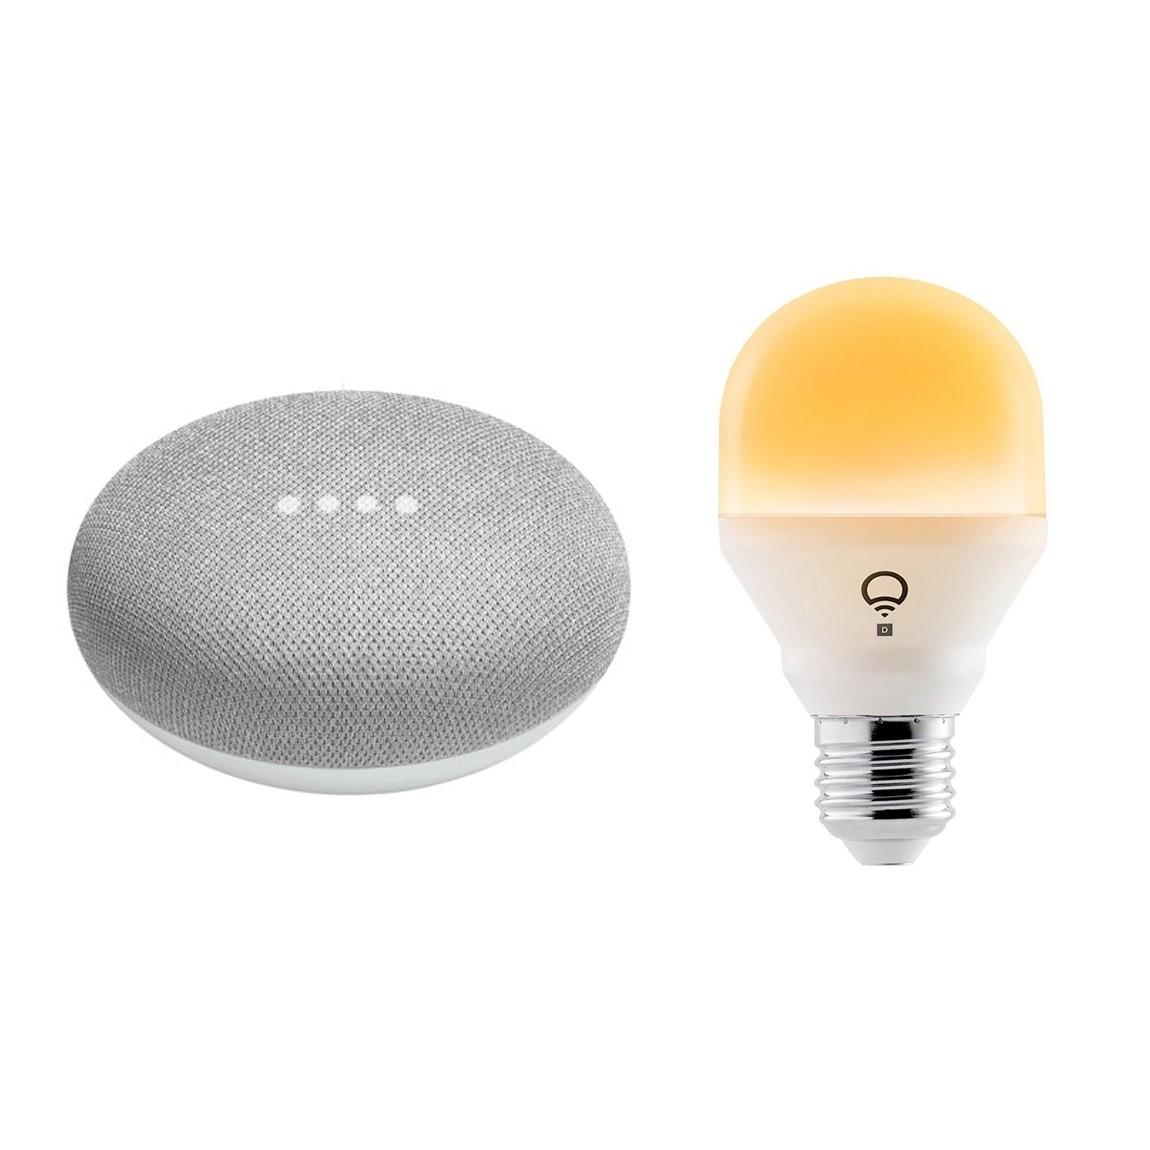 Google Nest, LIFX Google Home Mini + LIFX Mini Day & Dusk